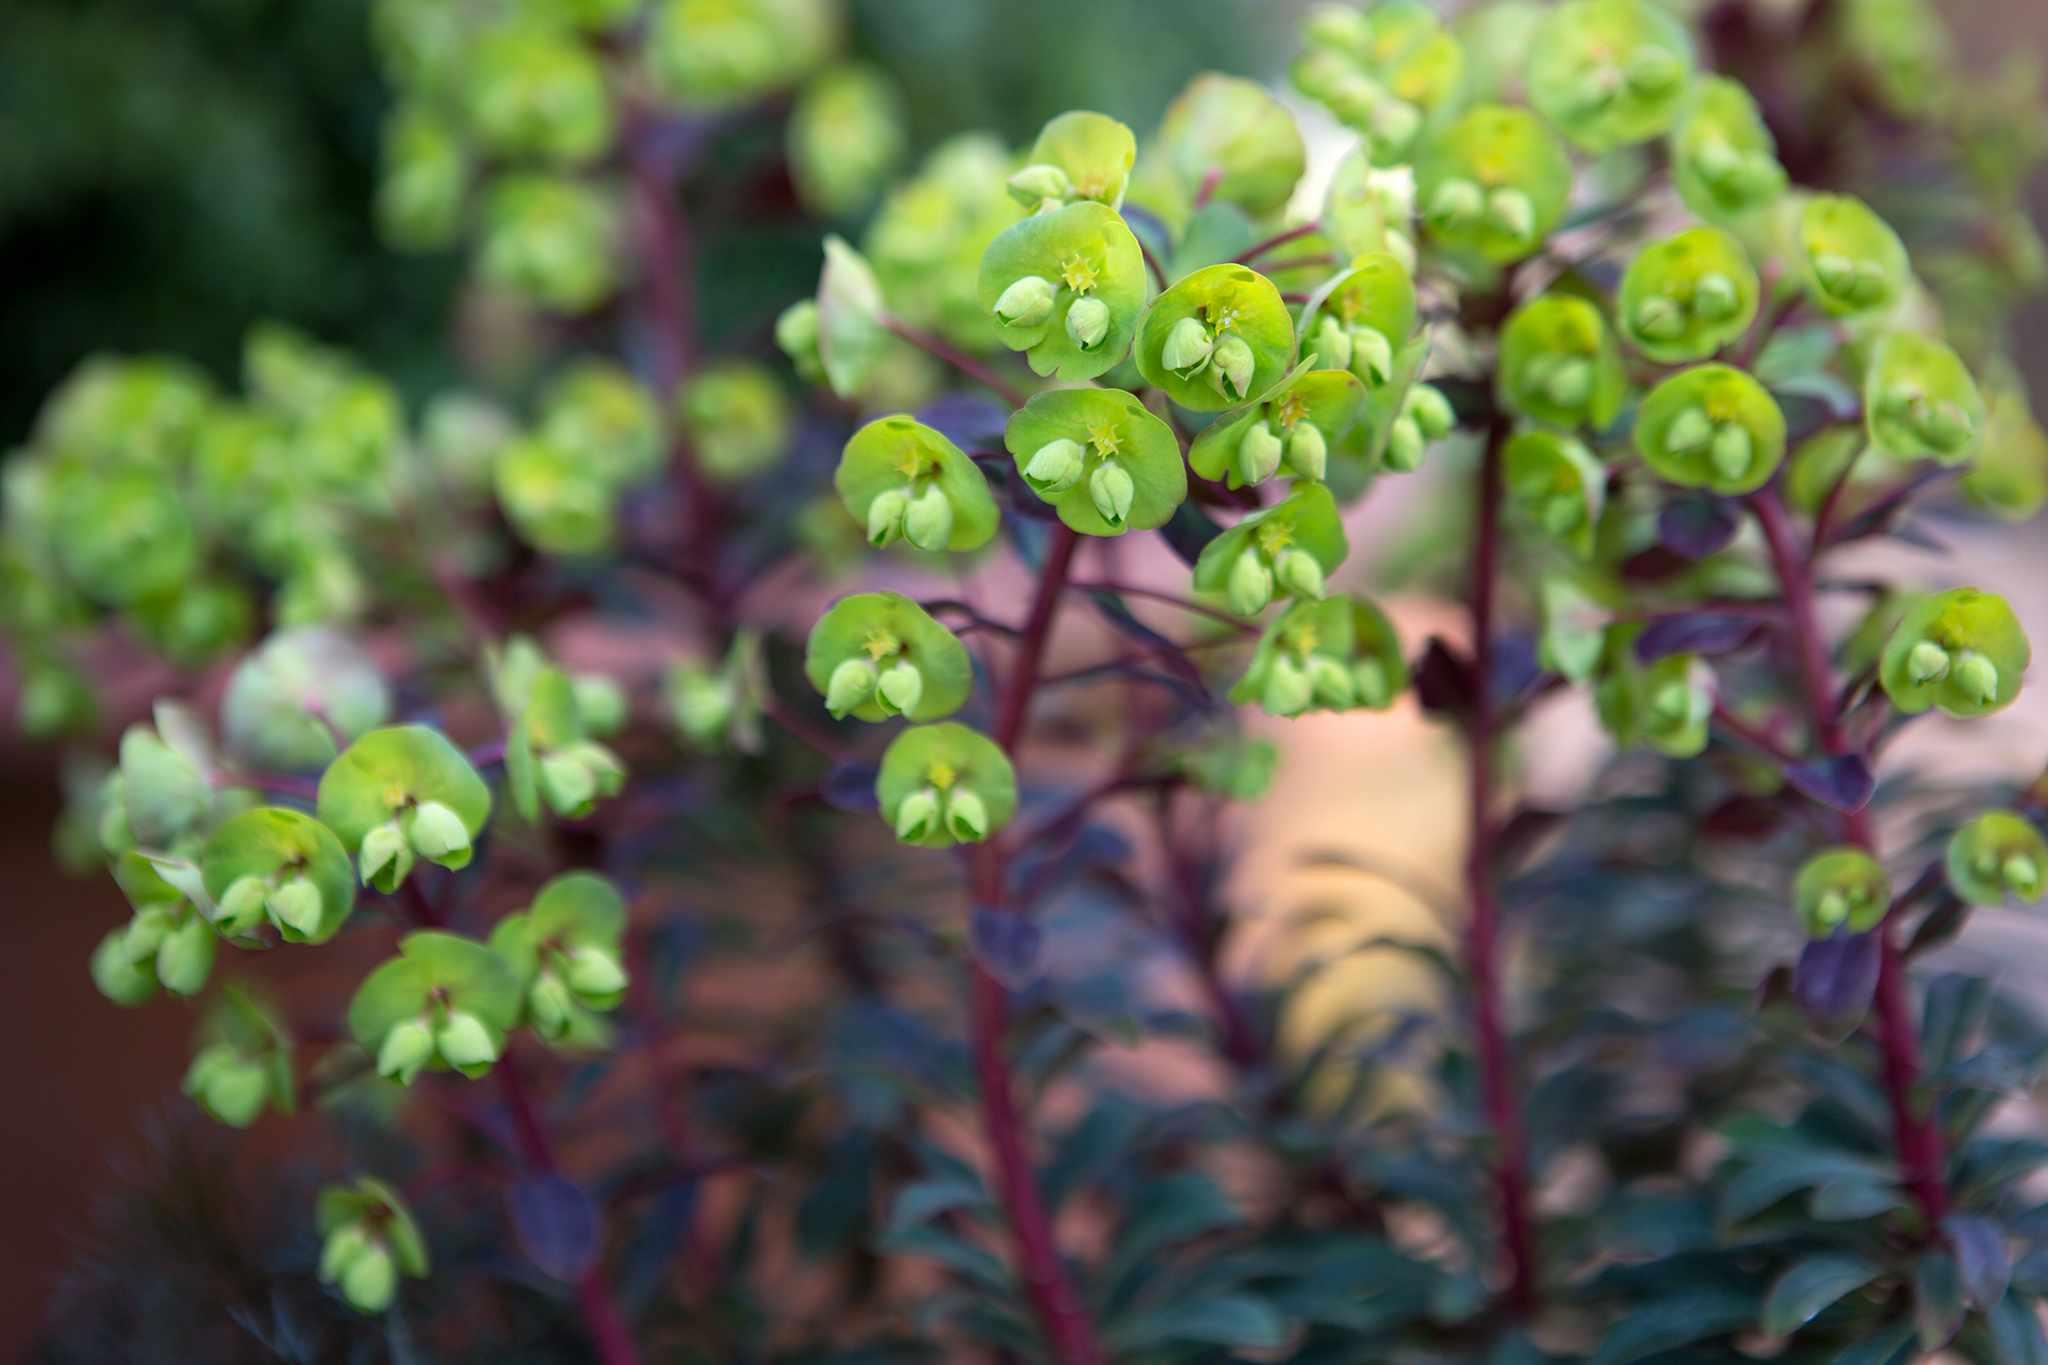 Plants with irritant sap - euphorbia